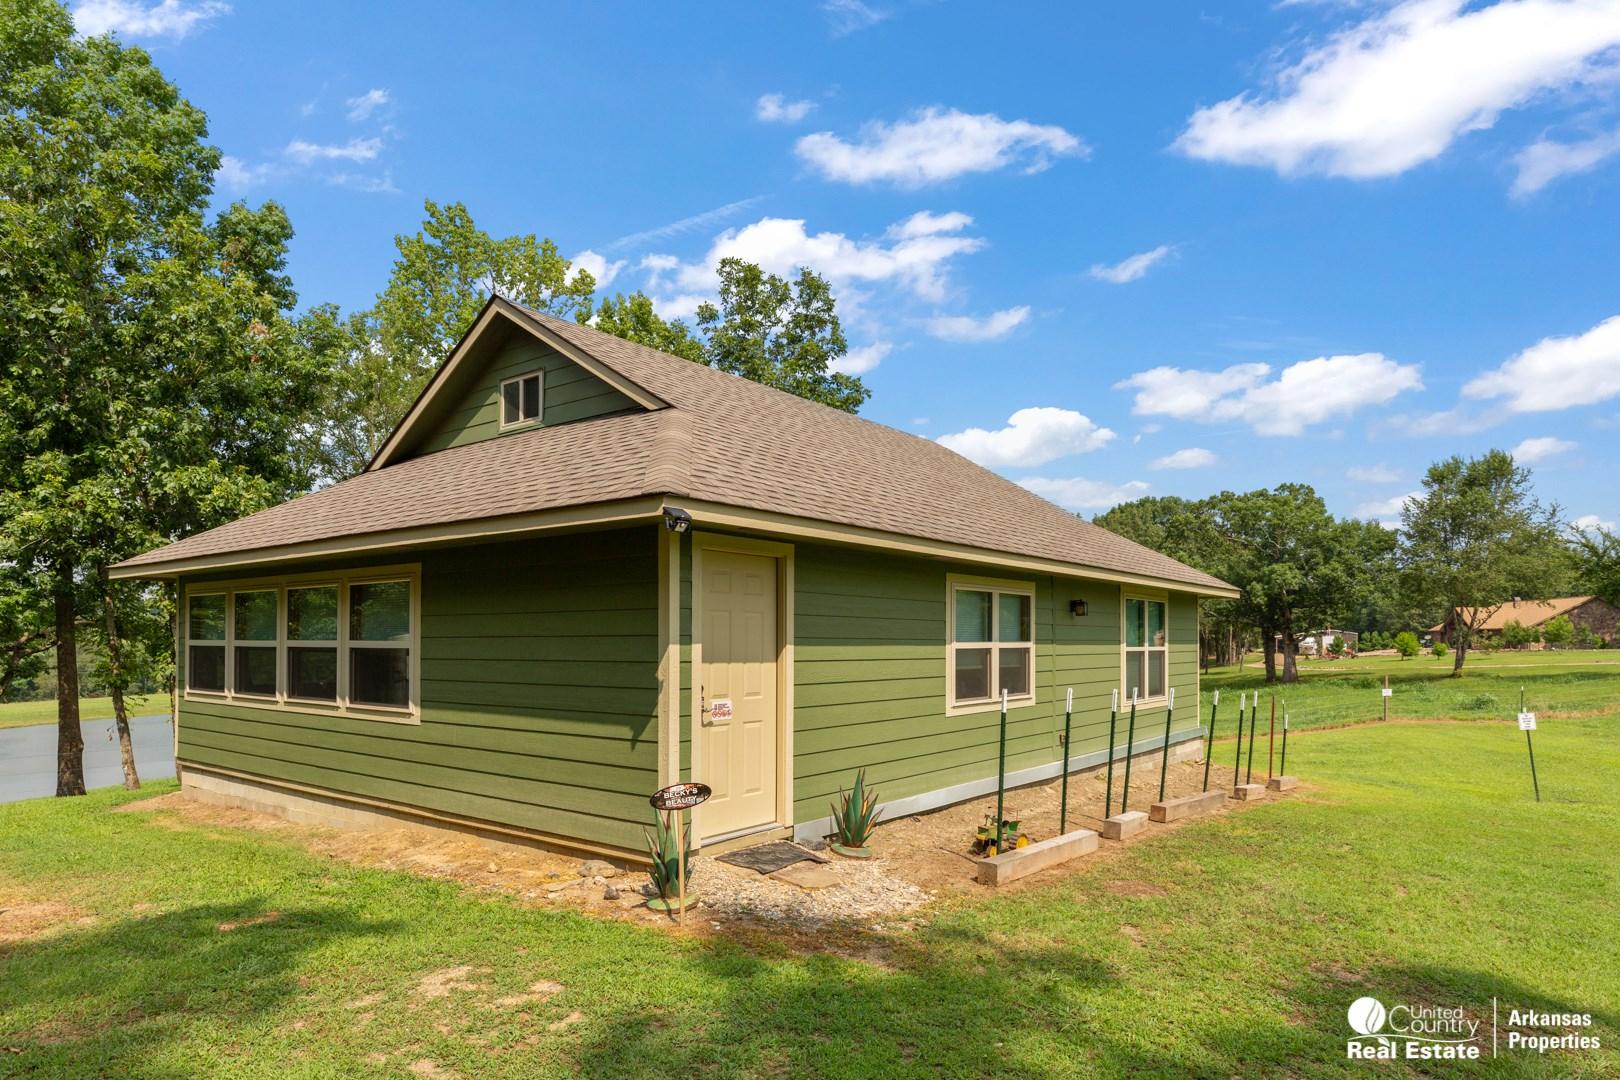 Weekend Retreat for Sale in Arkansas